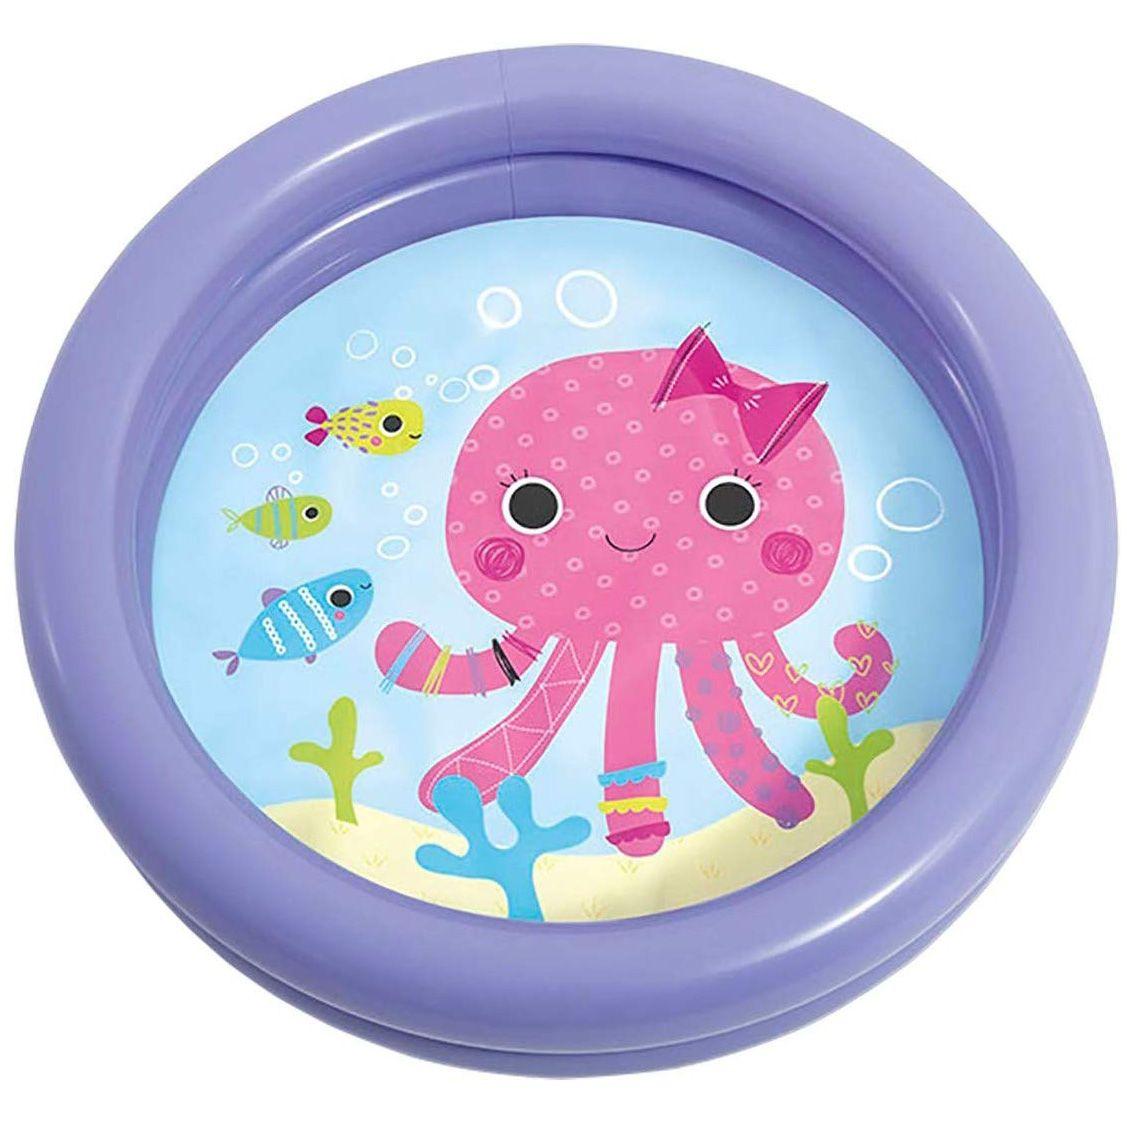 Piscina Inflável Infantil Minha Primeira Piscina 17 Litros - Intex (Roxa)